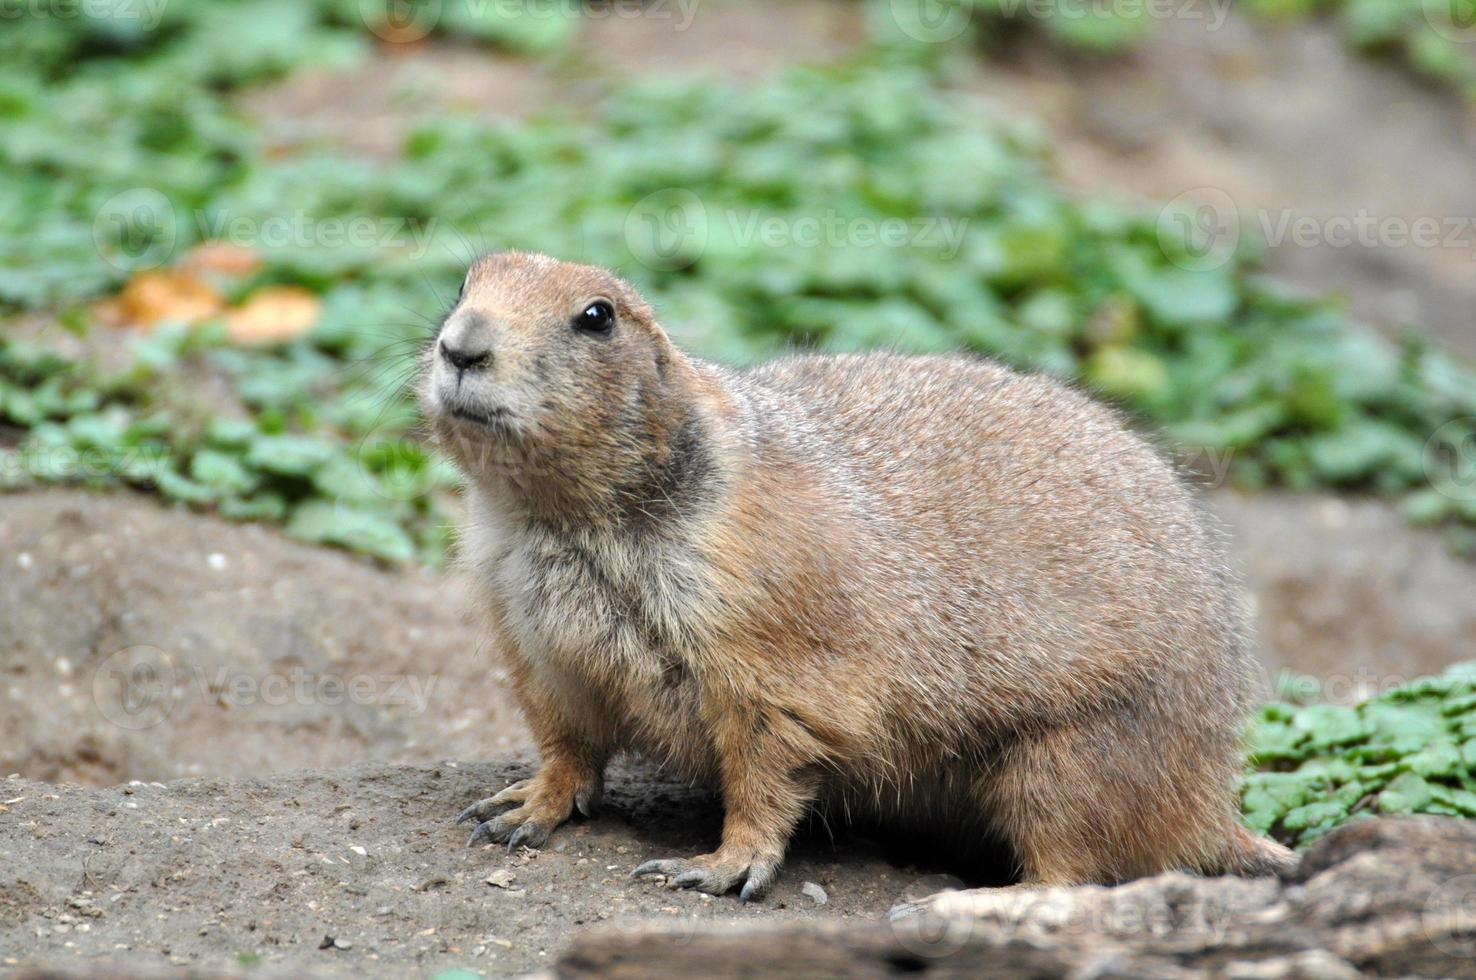 esquilo à terra europeu - spermophilus citellus foto